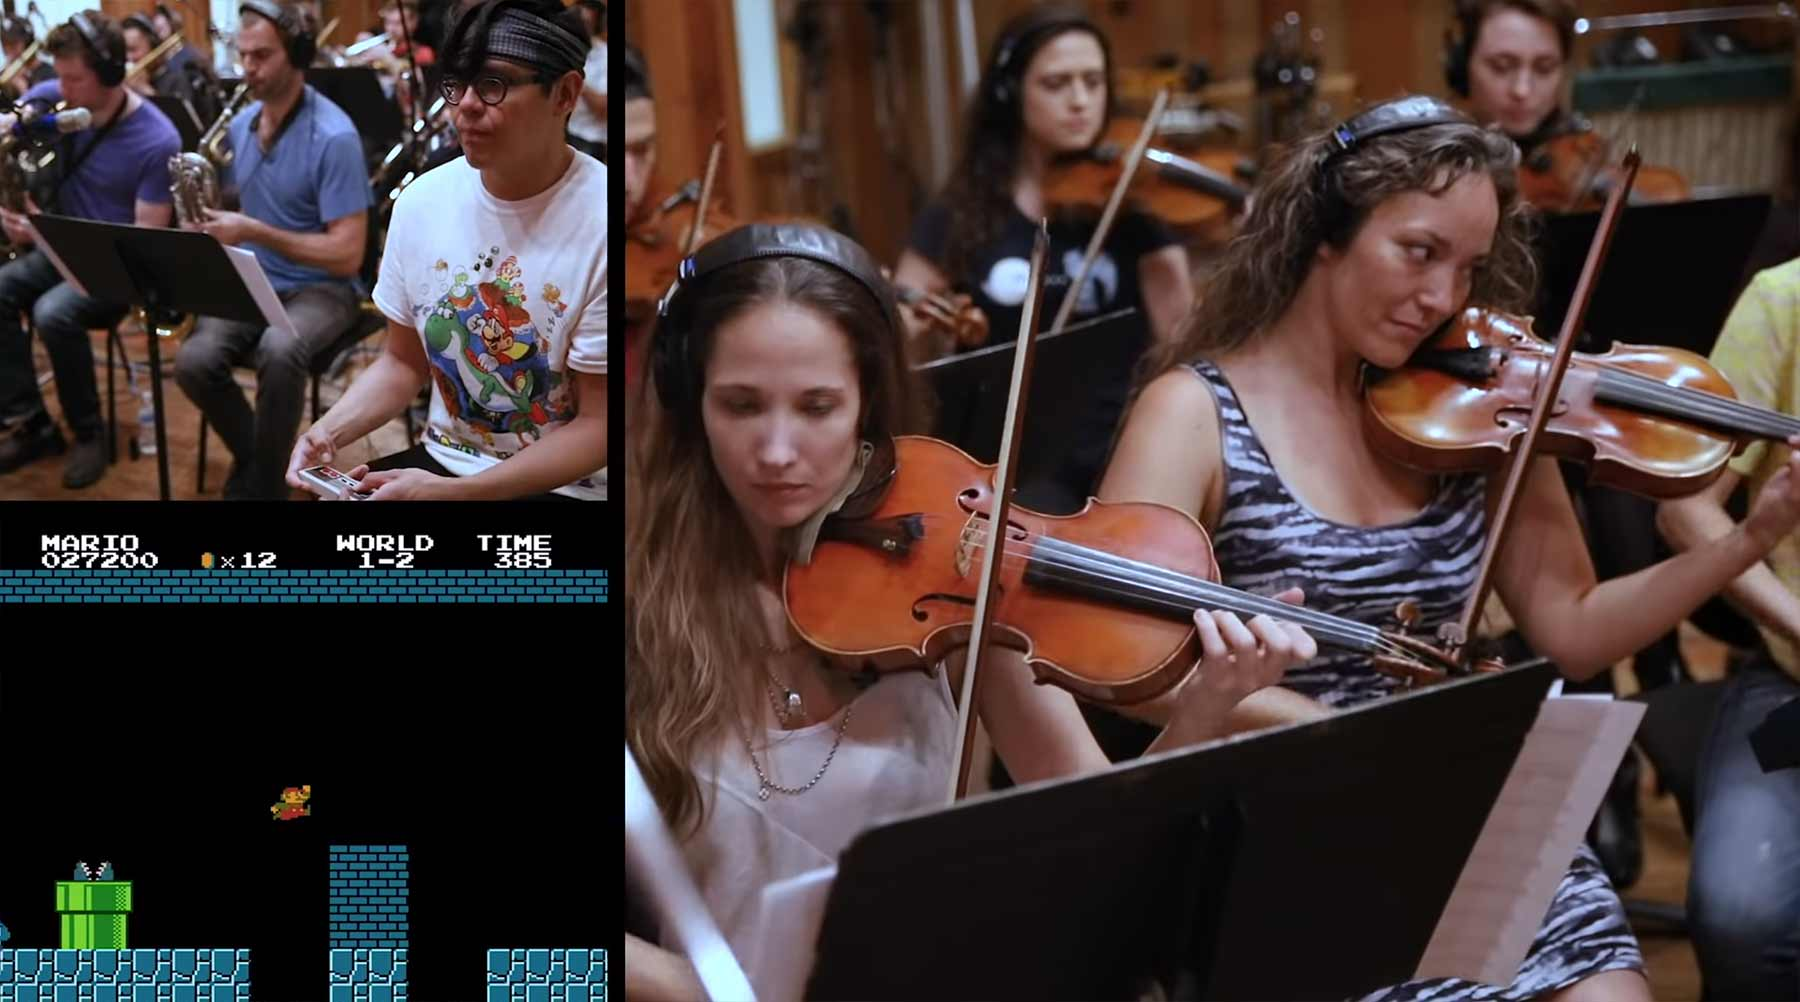 Super Mario spielen, während ein Orchester den Soundtrack liefert super-mario-bros-mit-orchester-soundtrack